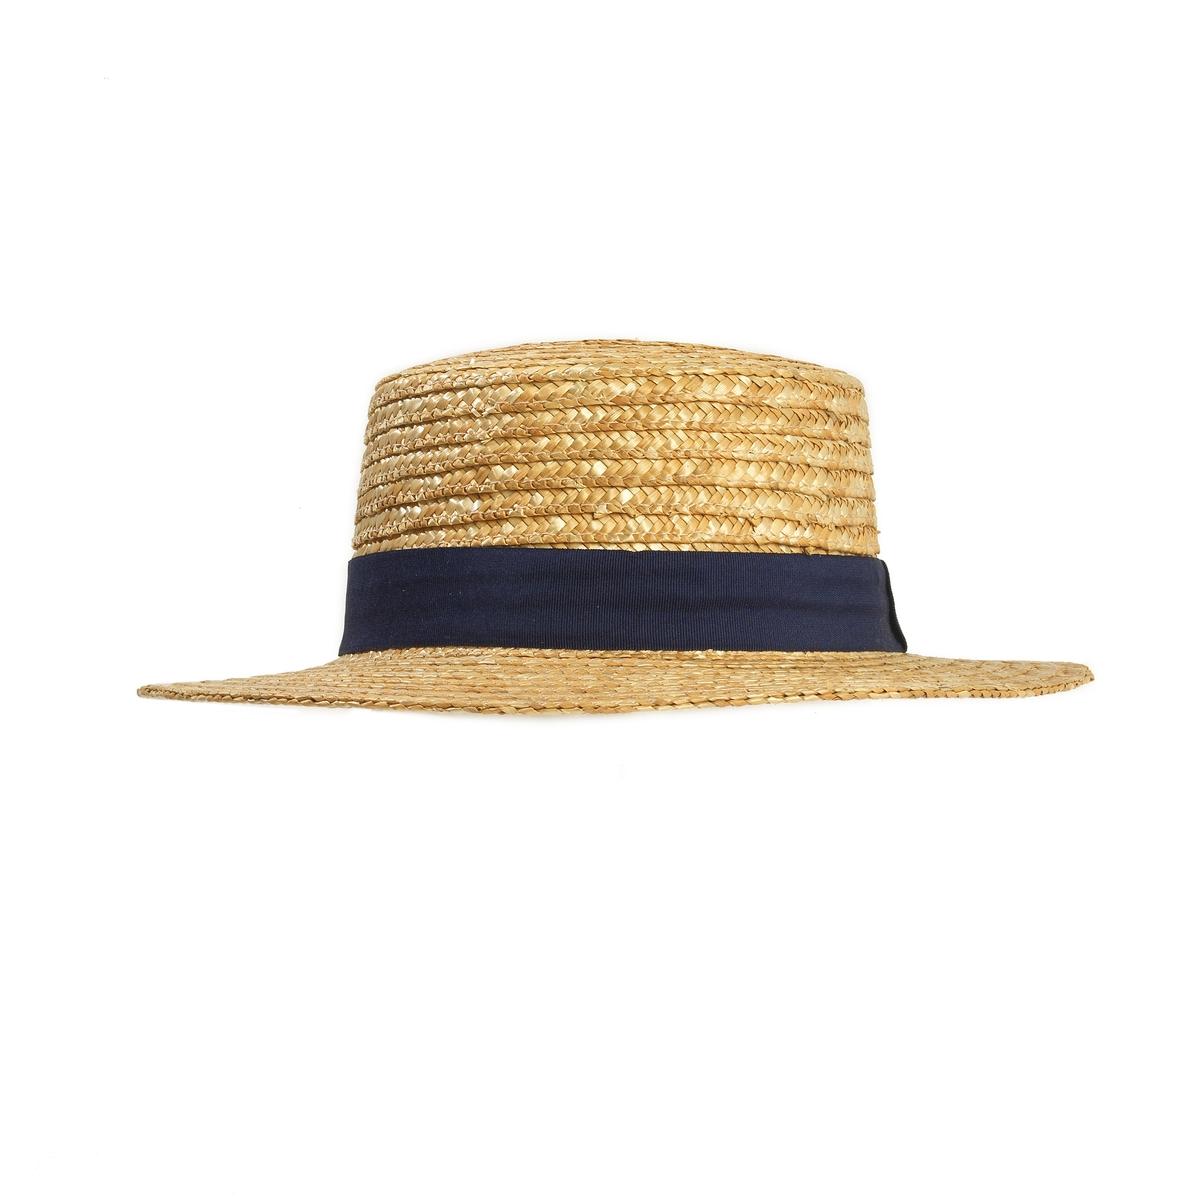 Шляпа соломеннаяСостав и описание :Материал : 100% соломыМарка : Mademoiselle R.Размеры : Окружность головы 56 см Галун с узелком .<br><br>Цвет: серо-бежевый<br>Размер: единый размер